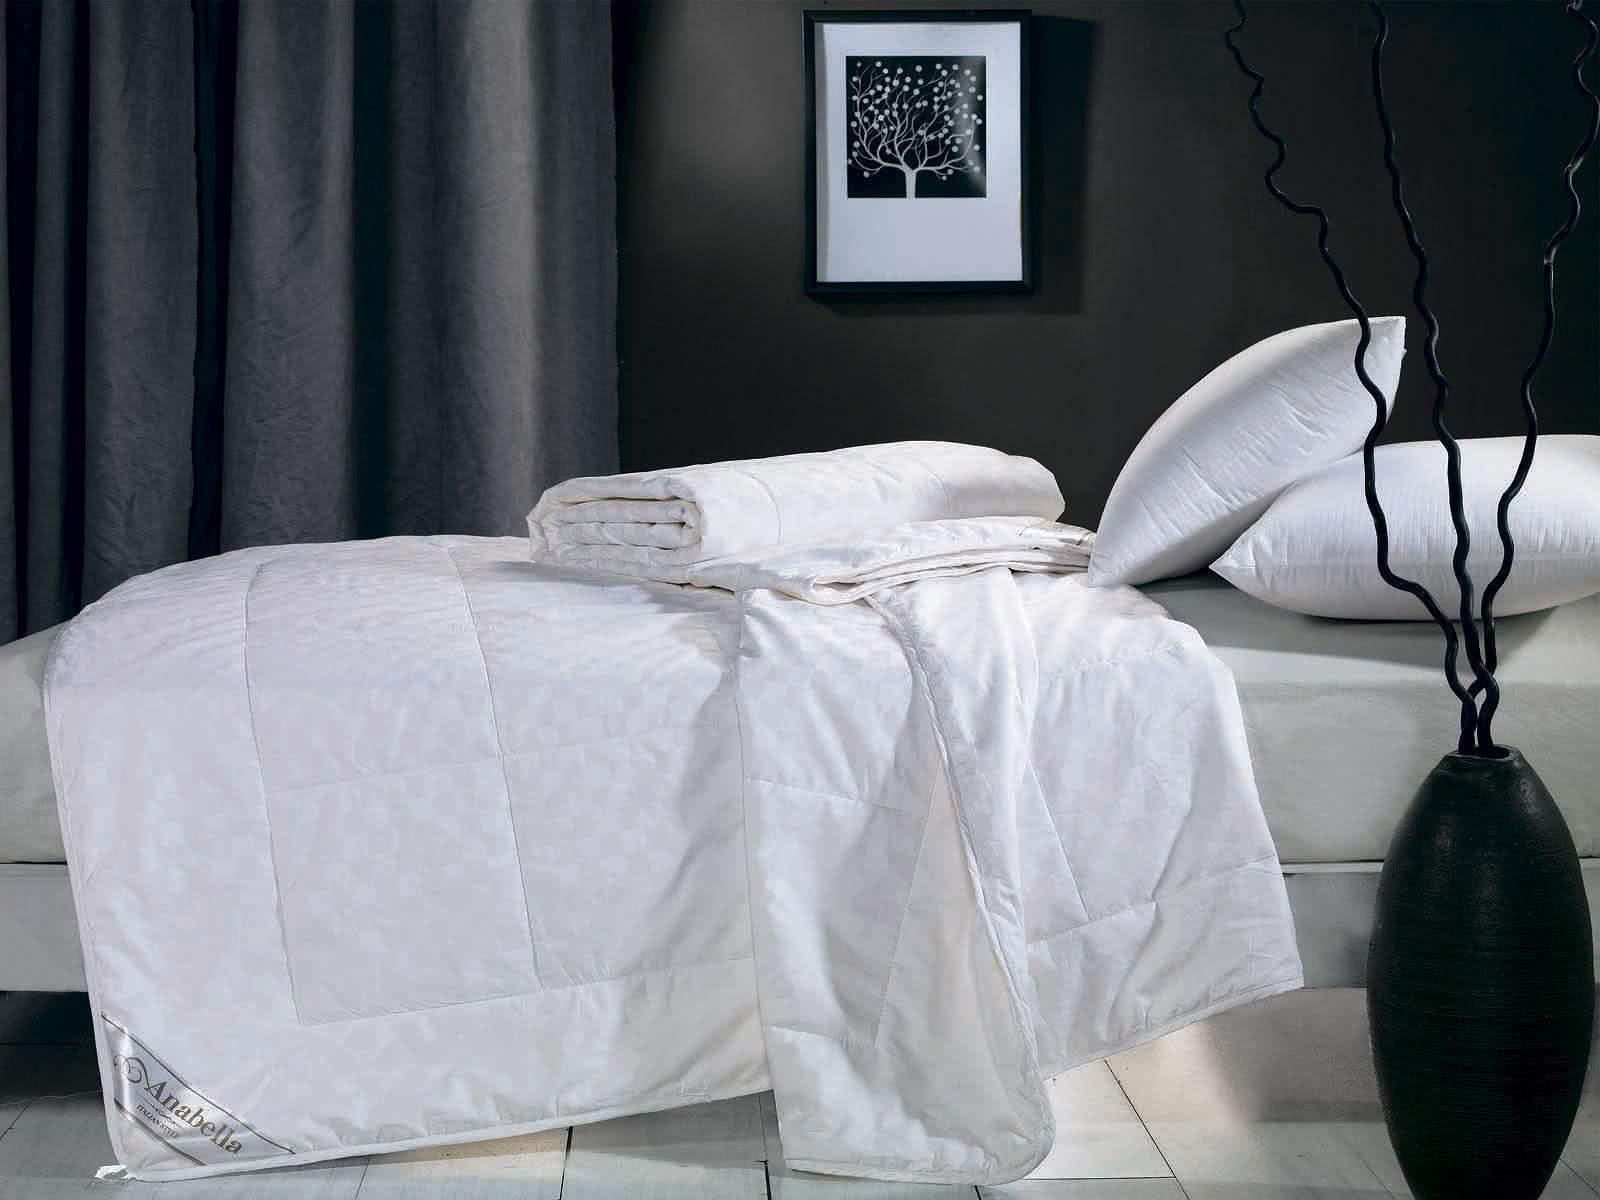 Шелковое одеяло Asabella в чехле из сатина - Detskoye-Postelnoe.Ru